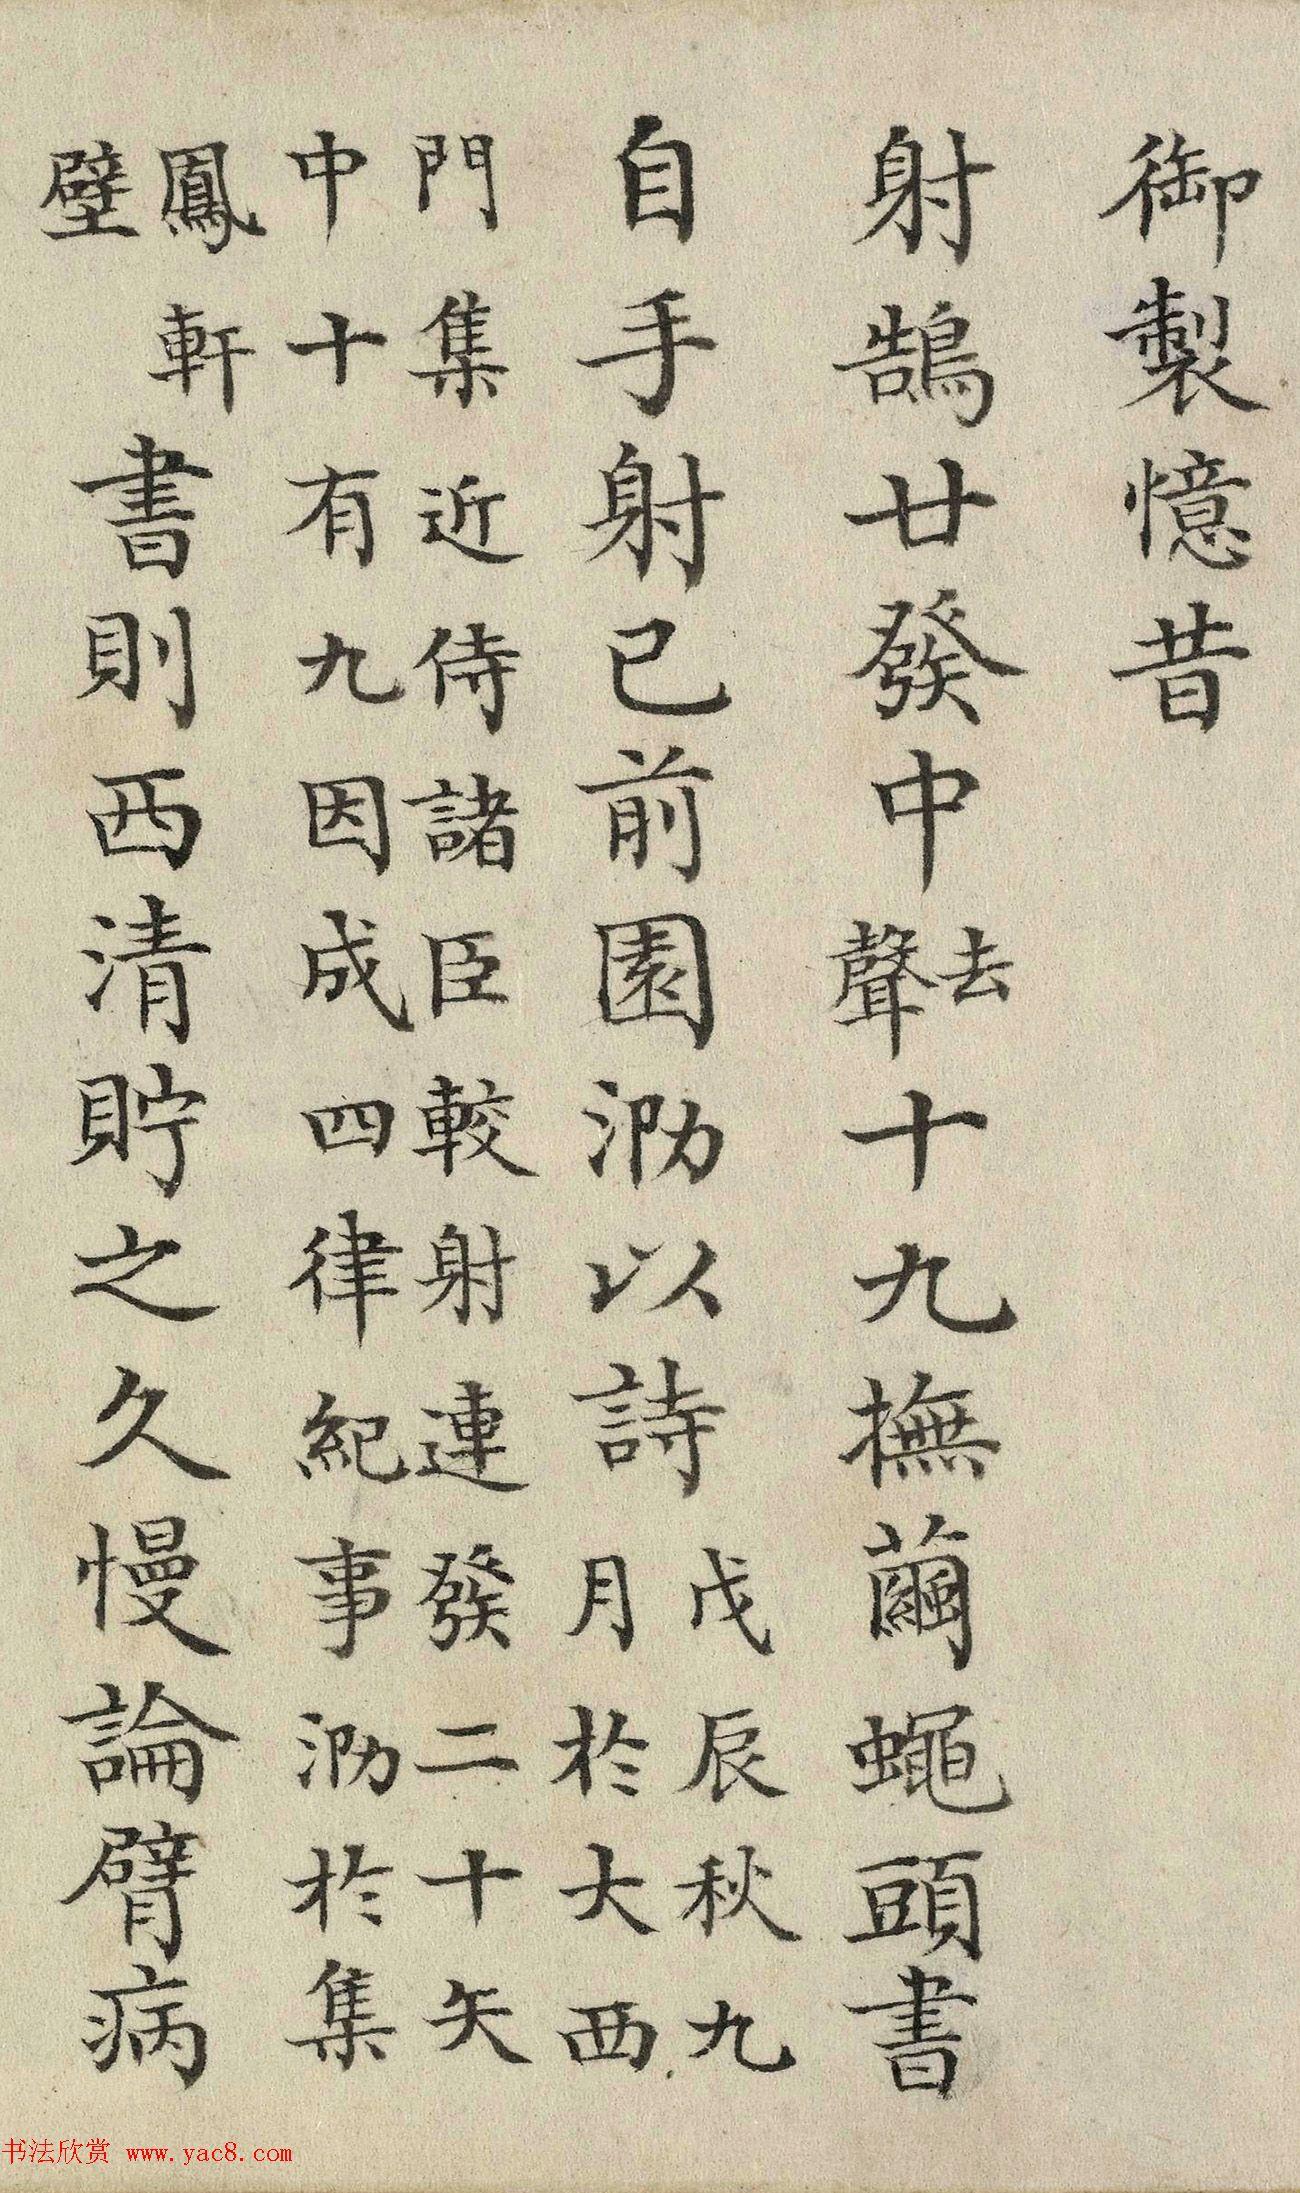 董诰奉敕书乾隆皇帝晚年御制诗一首